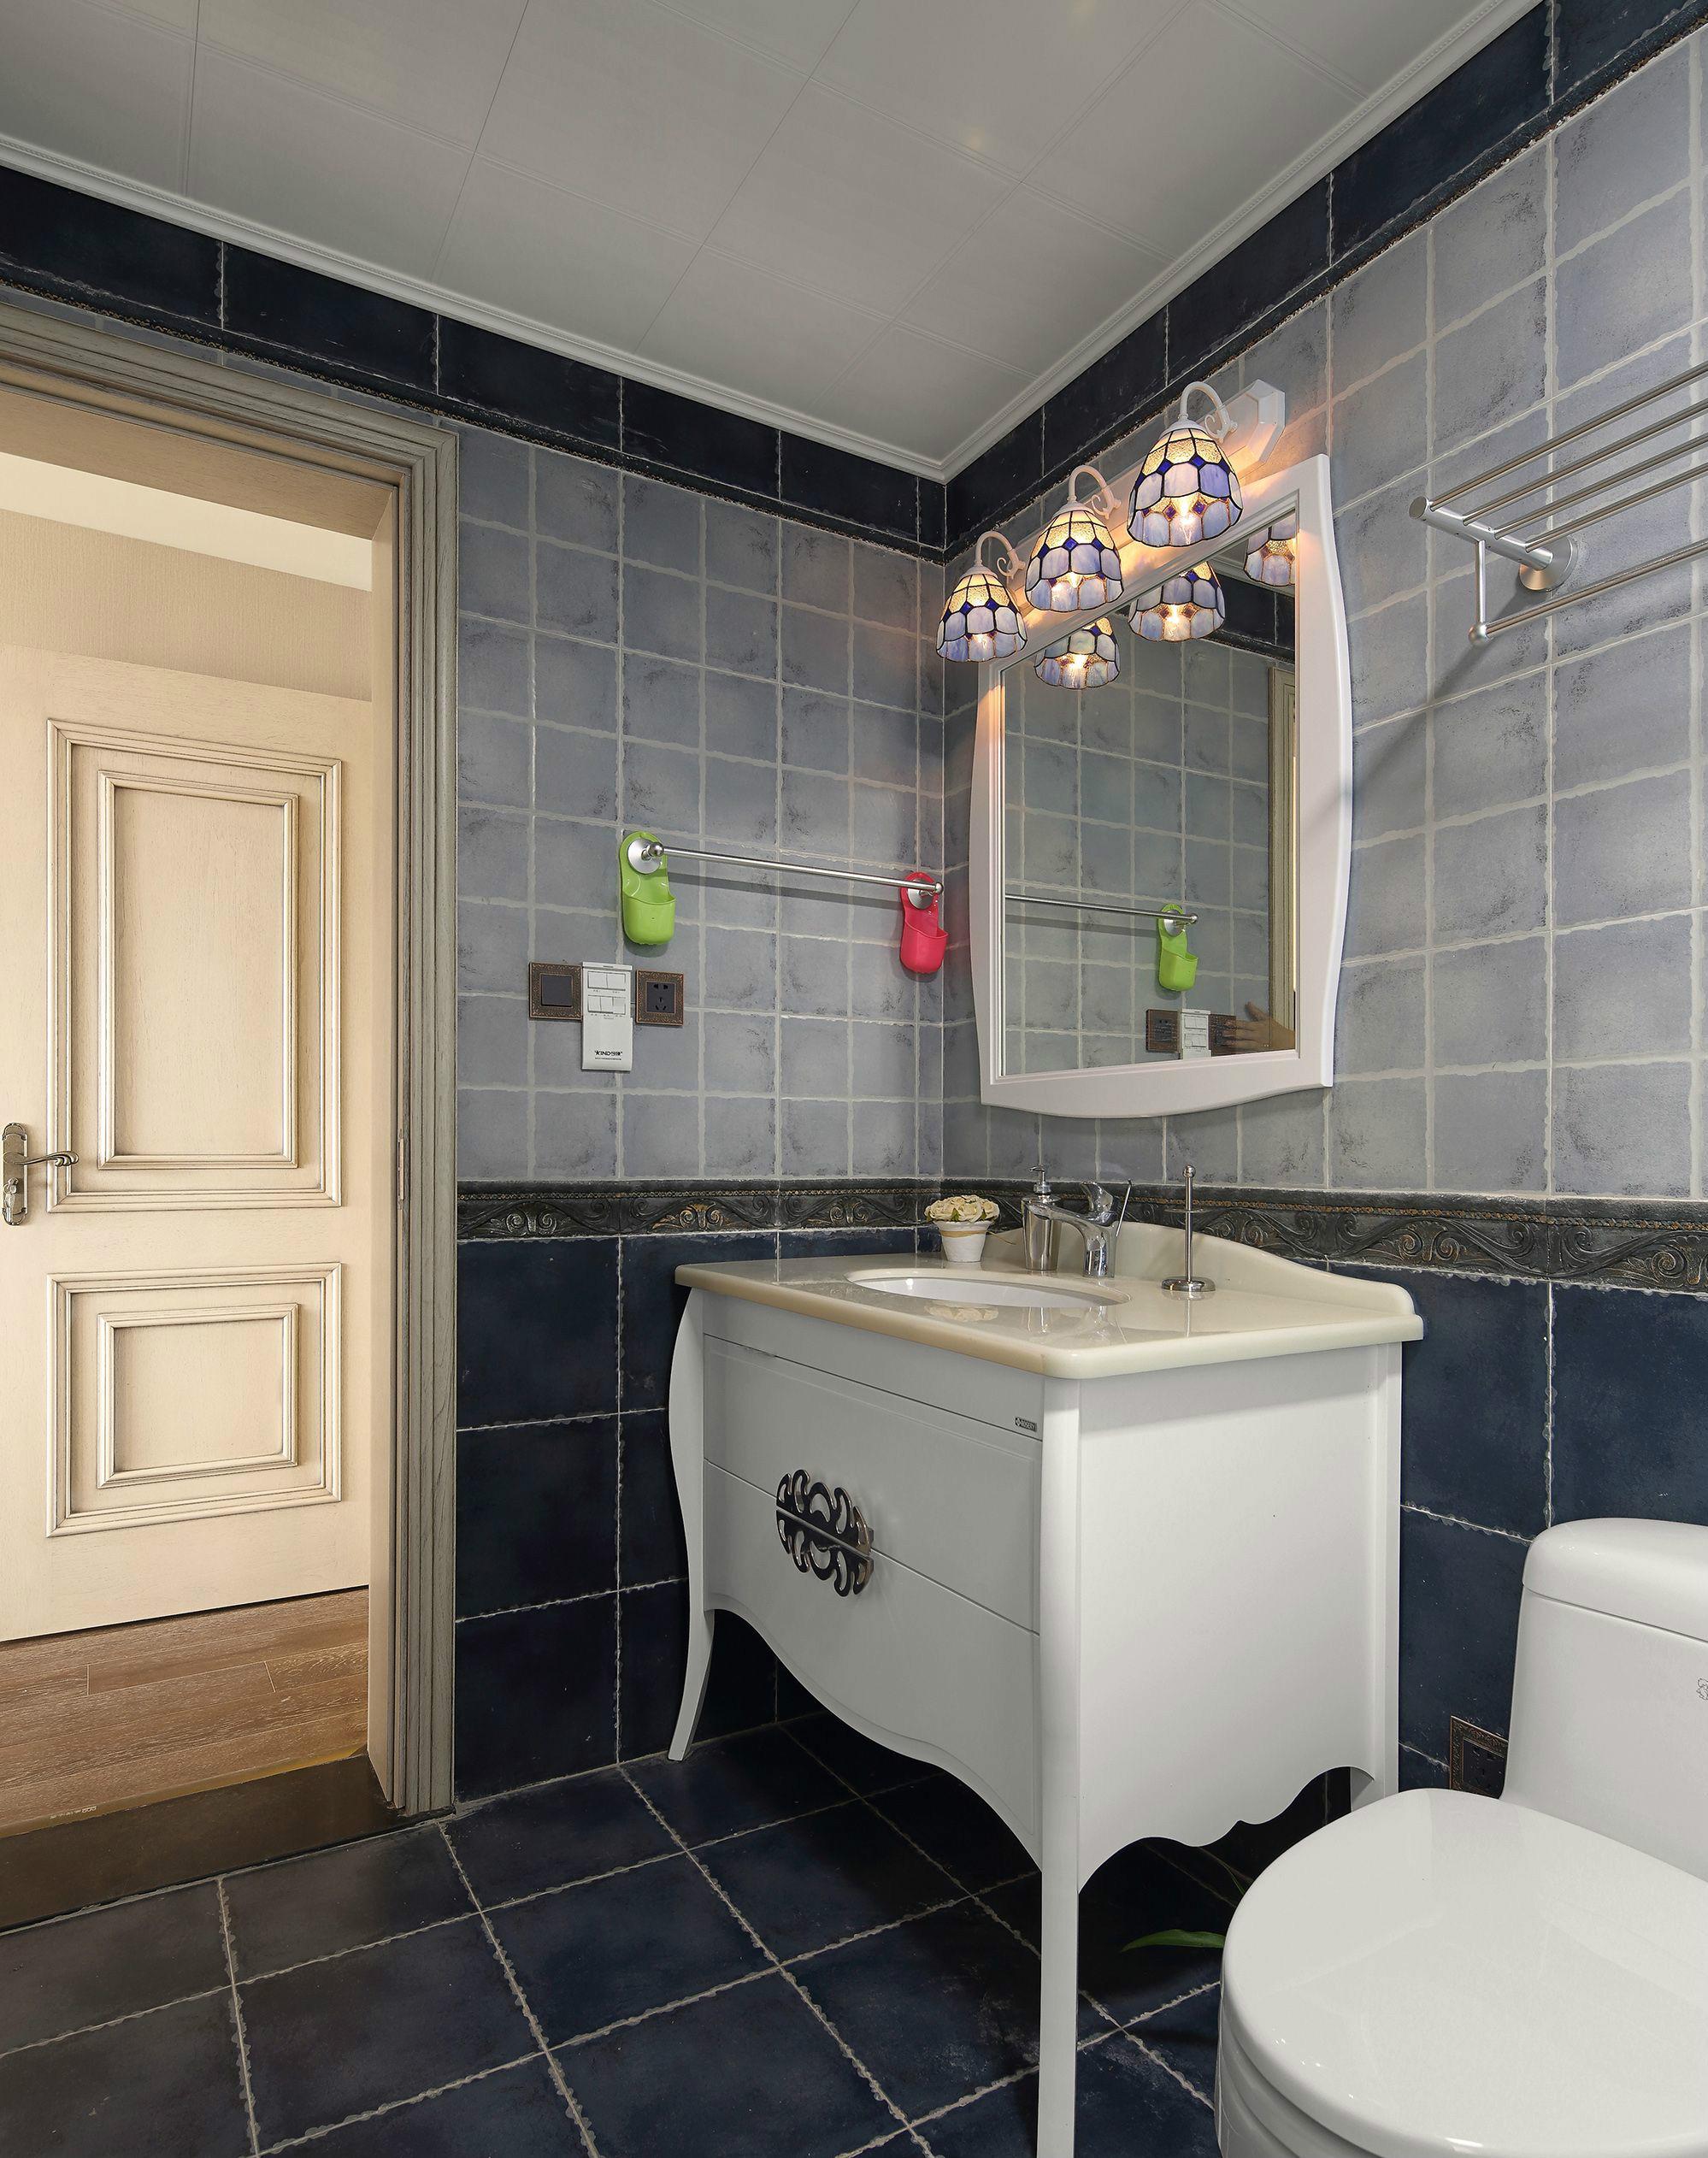 灰色地砖与墙砖能够保证卫生间的干净,易于清洁。